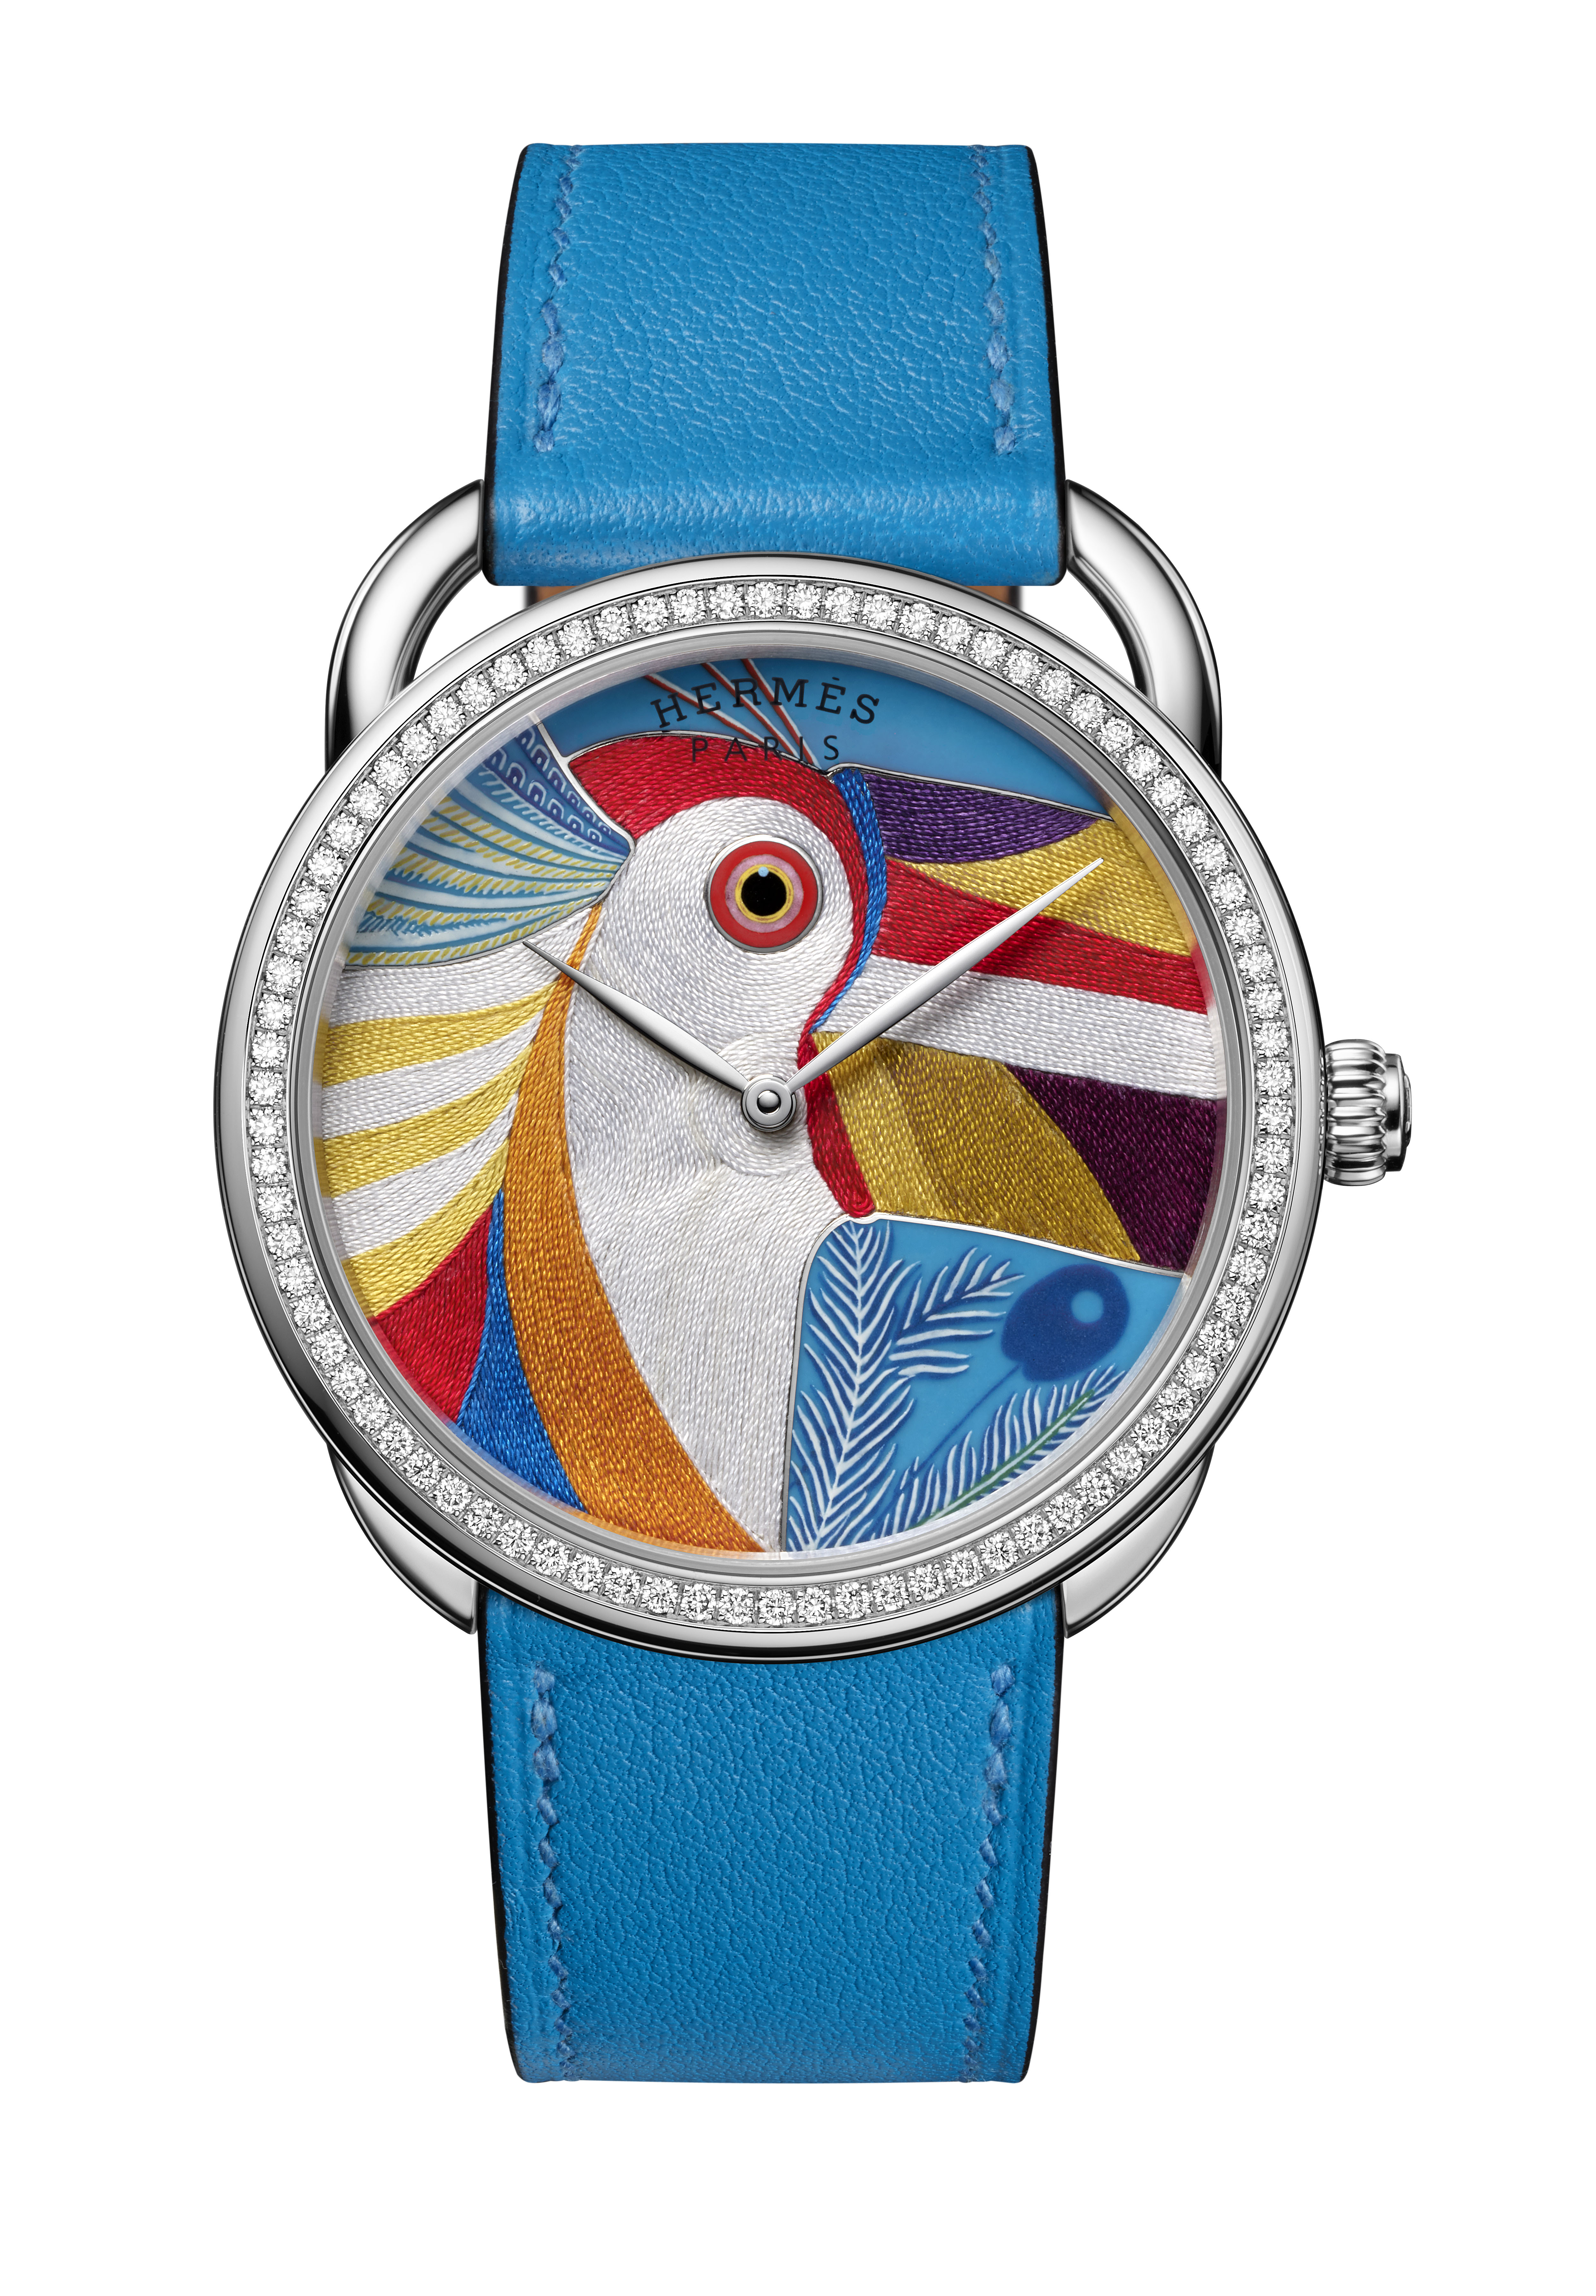 """Hermès ra mắt đồng hồ phiên bản giới hạn với mặt số """"thêu"""" sợi tơ tằm - Ảnh 1"""